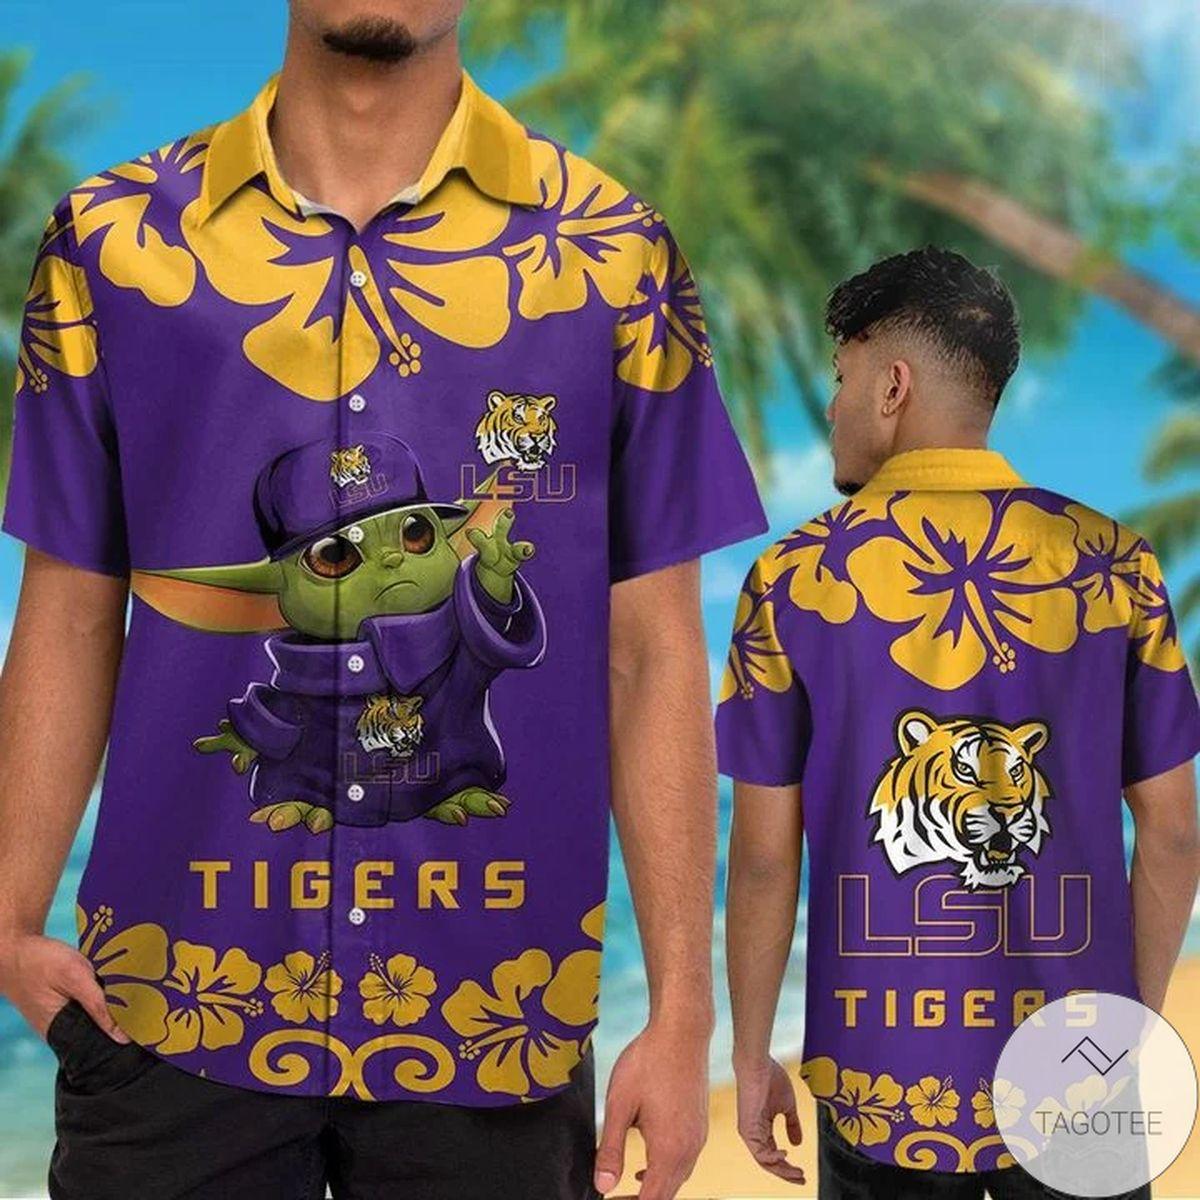 LSU Tigers Baby Yoda Hawaiian Shirt